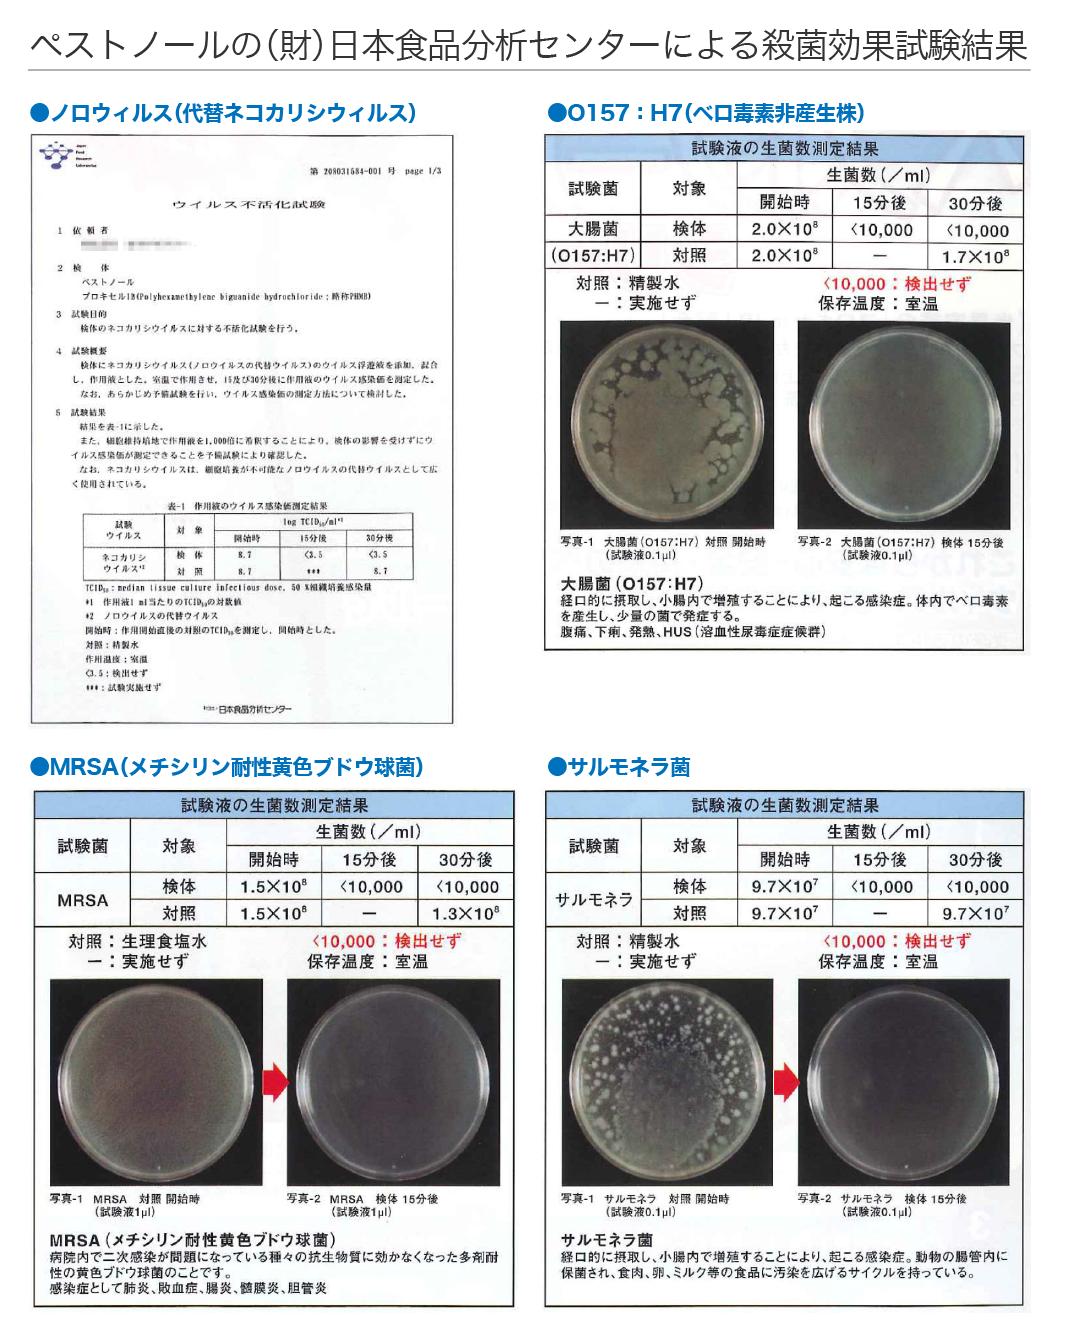 ペストノールの(財)日本食品分析センターによる殺菌効果試験結果